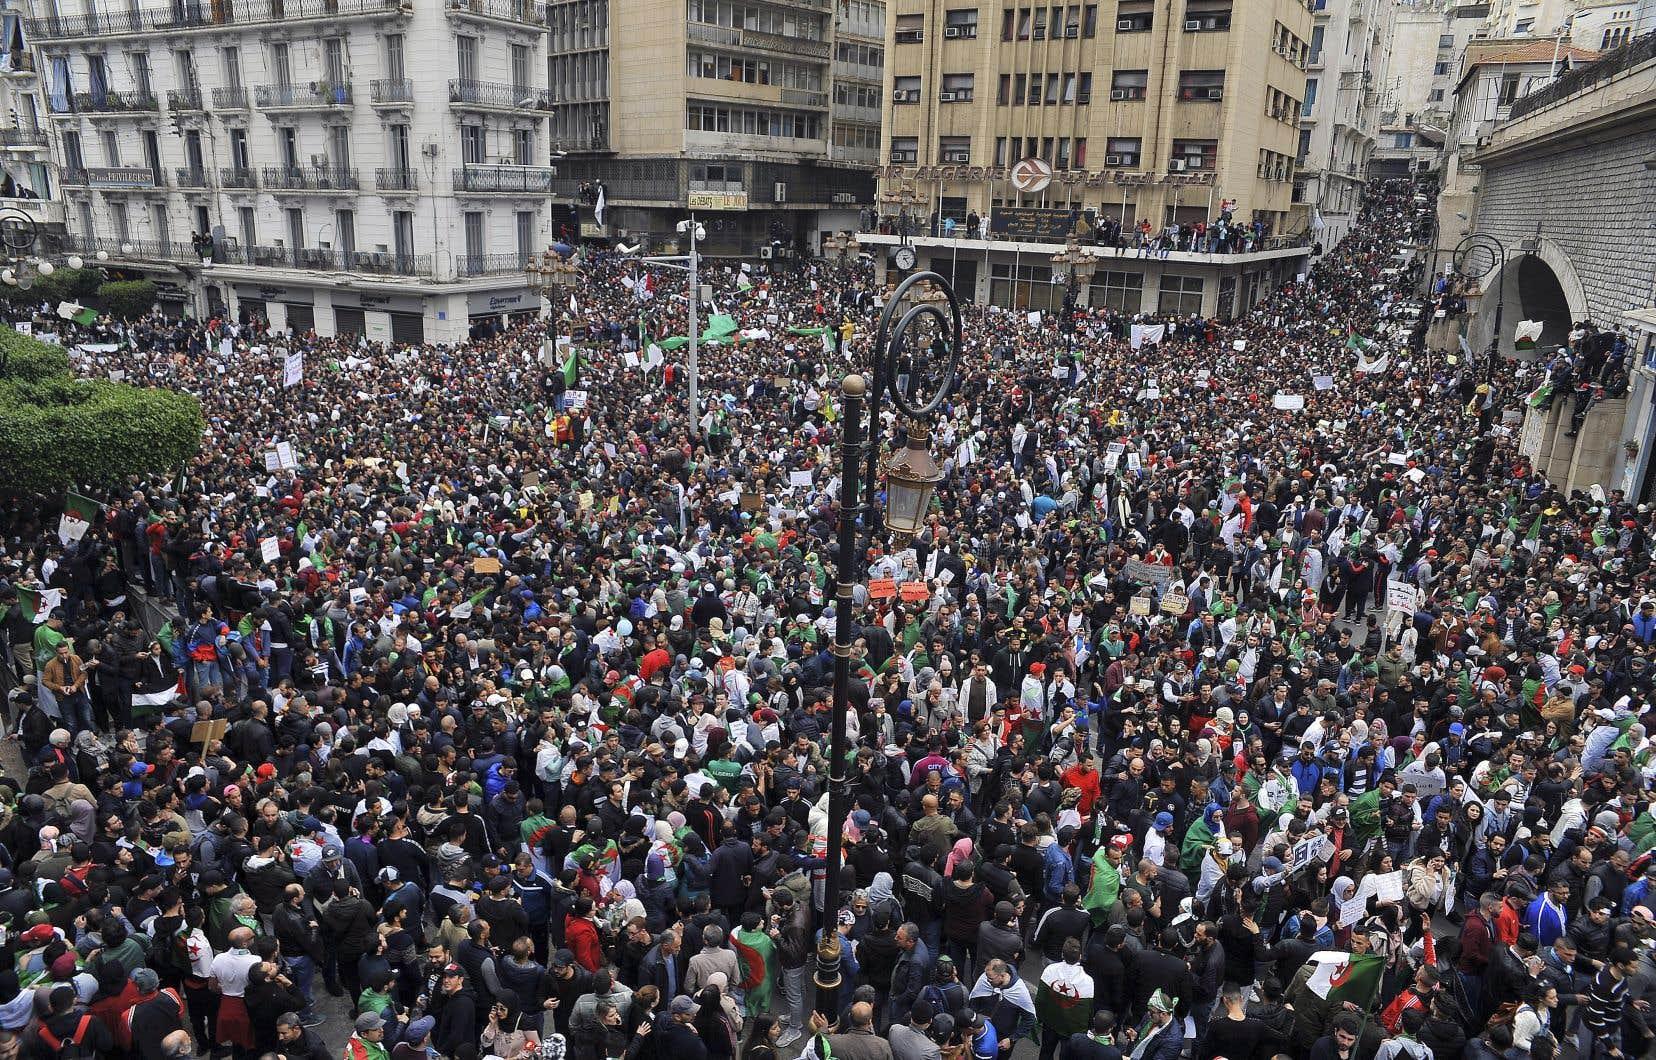 La mobilisation est largement supérieure à celle des manifestations des deux derniers vendredis à Alger, pourtant déjà impressionnantes.